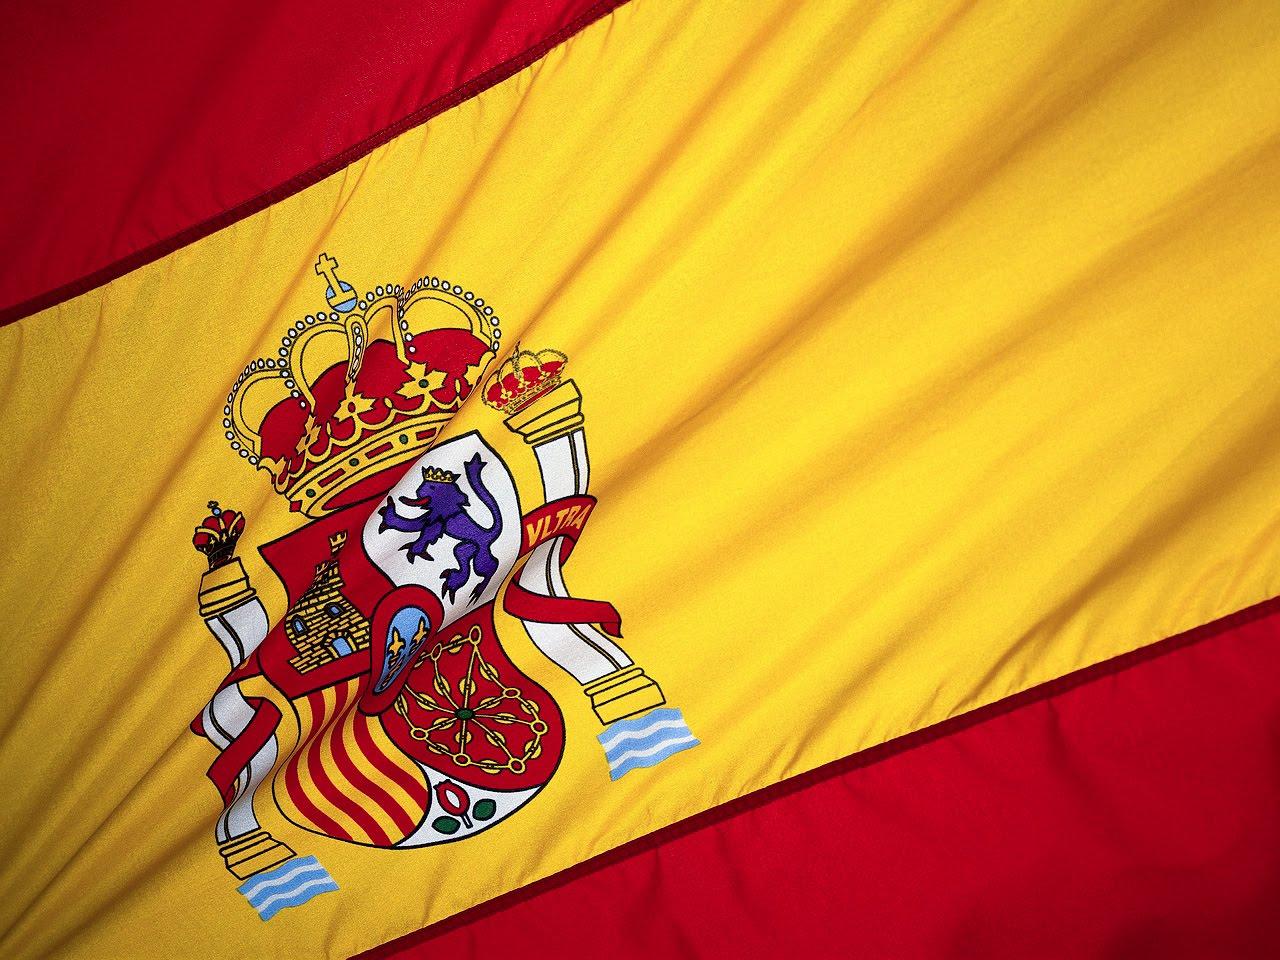 http://2.bp.blogspot.com/_kxgTICRo1_M/TDpOTazArTI/AAAAAAAAA4A/HzhE8exmslQ/s1600/bandeira-da-espanha-a8104.jpg